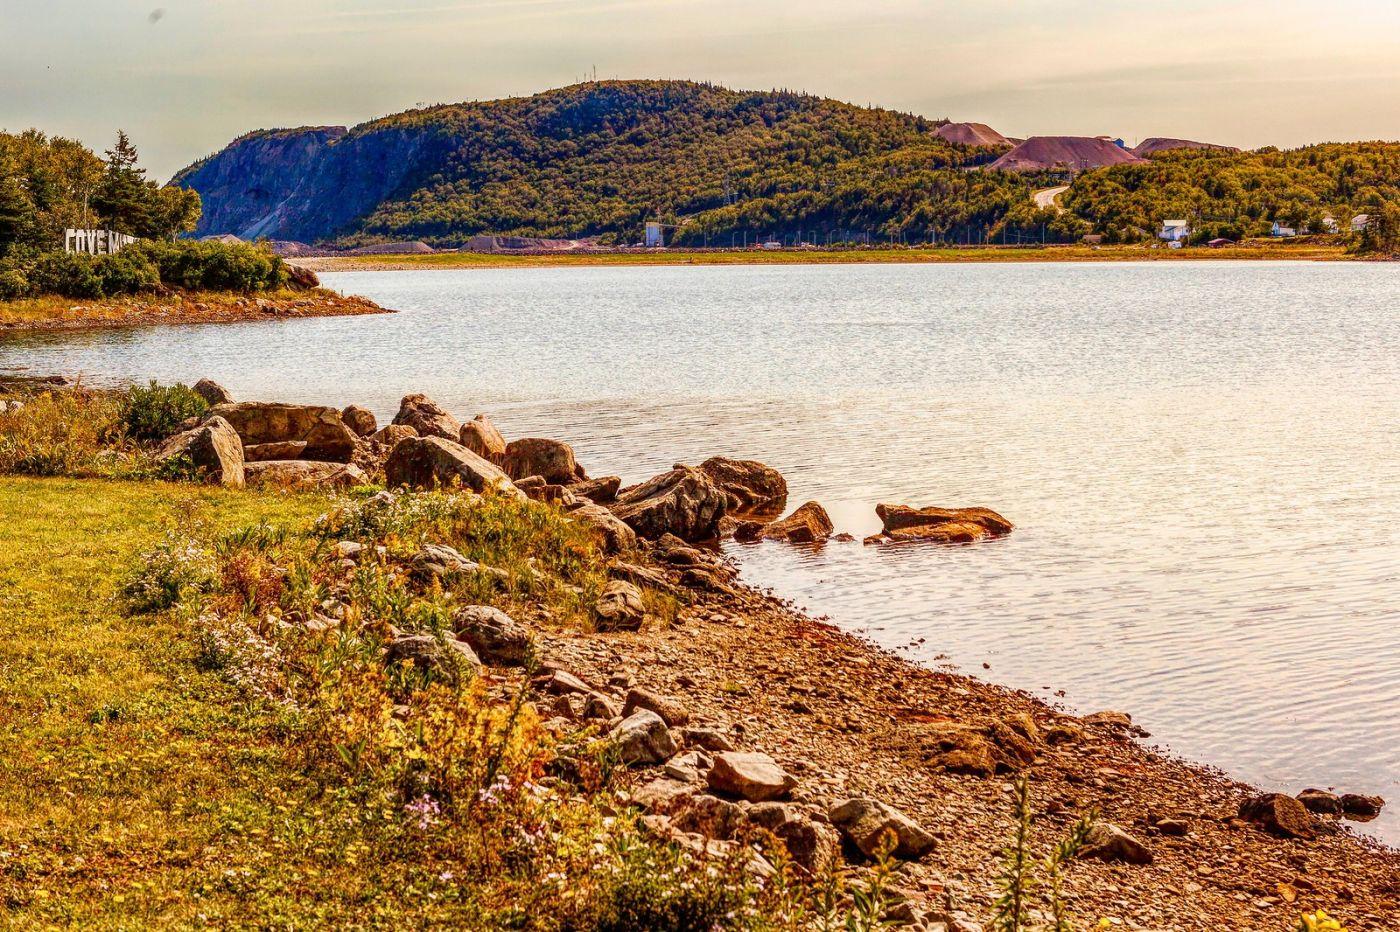 加拿大路途,水边抓拍_图1-6